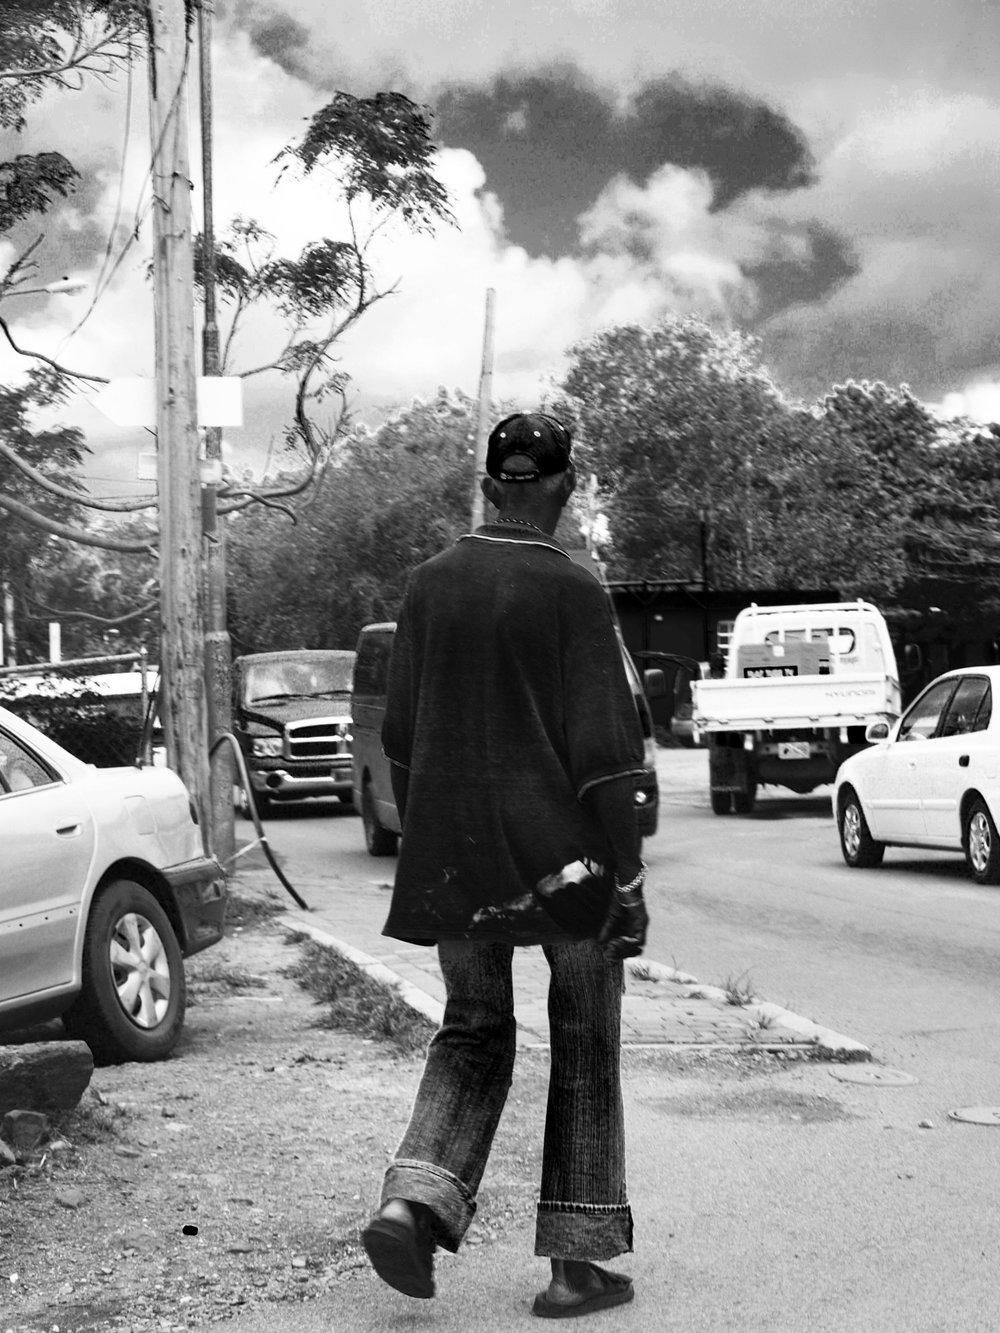 black_and_white_st_martin_photographs.jpg